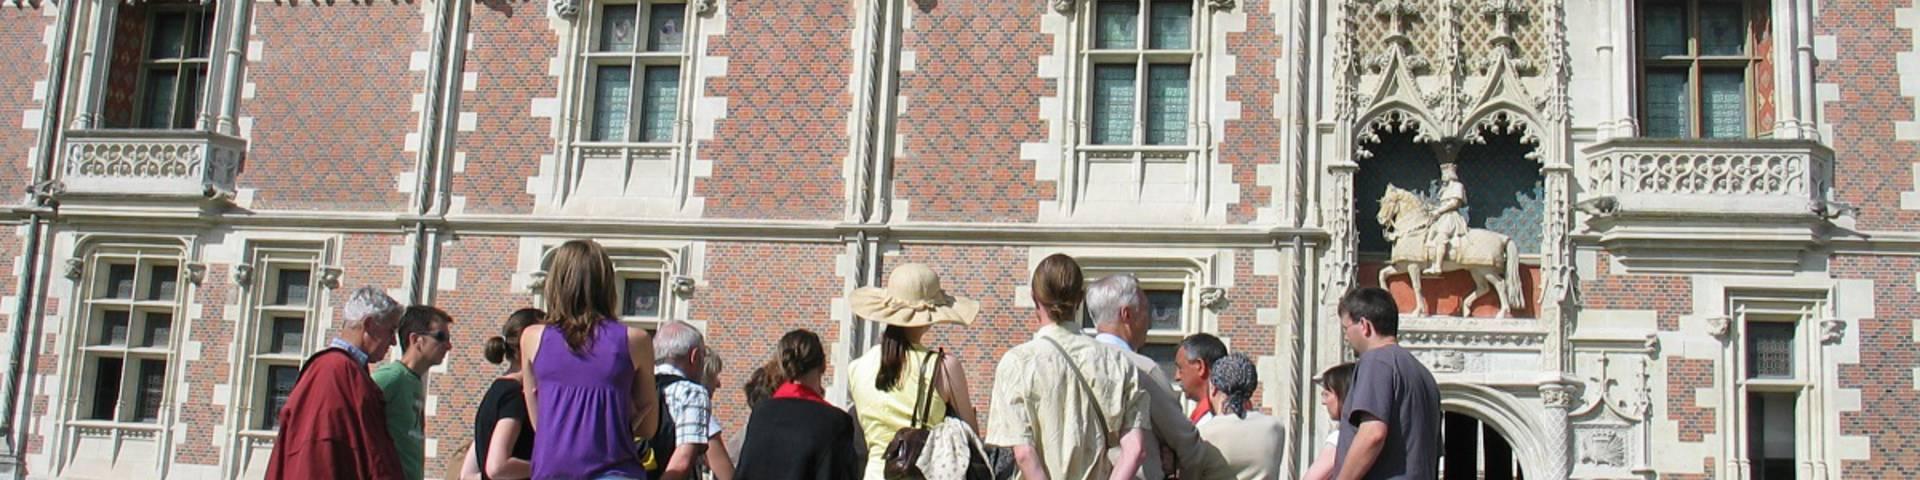 Grupo de turistas con un guía en la plaza del castillo de Blois. © OTBC